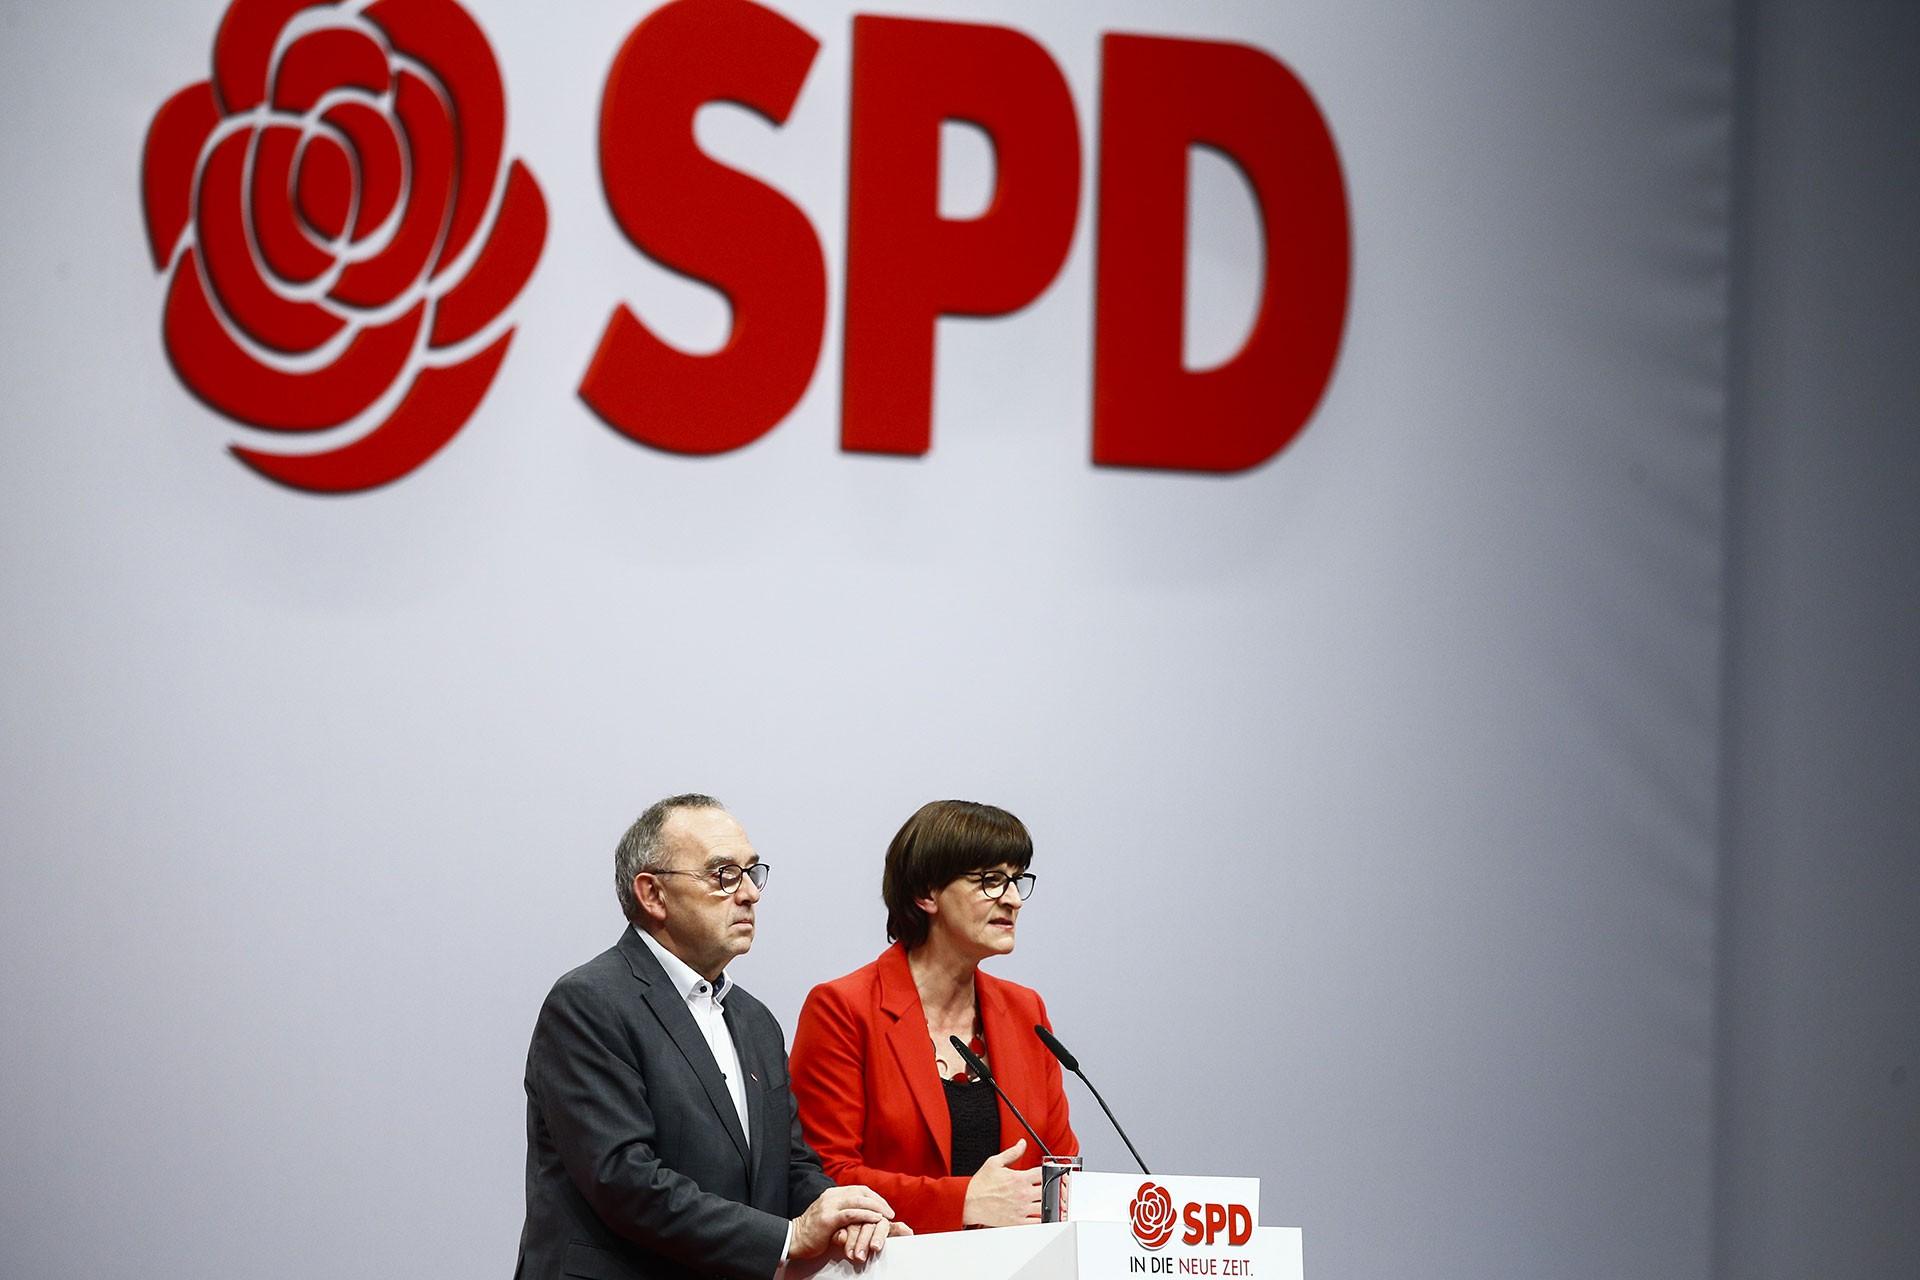 SPD'ye eş genel başkan seçilen Norbert Walter-Borjans ve Saskia Esken.